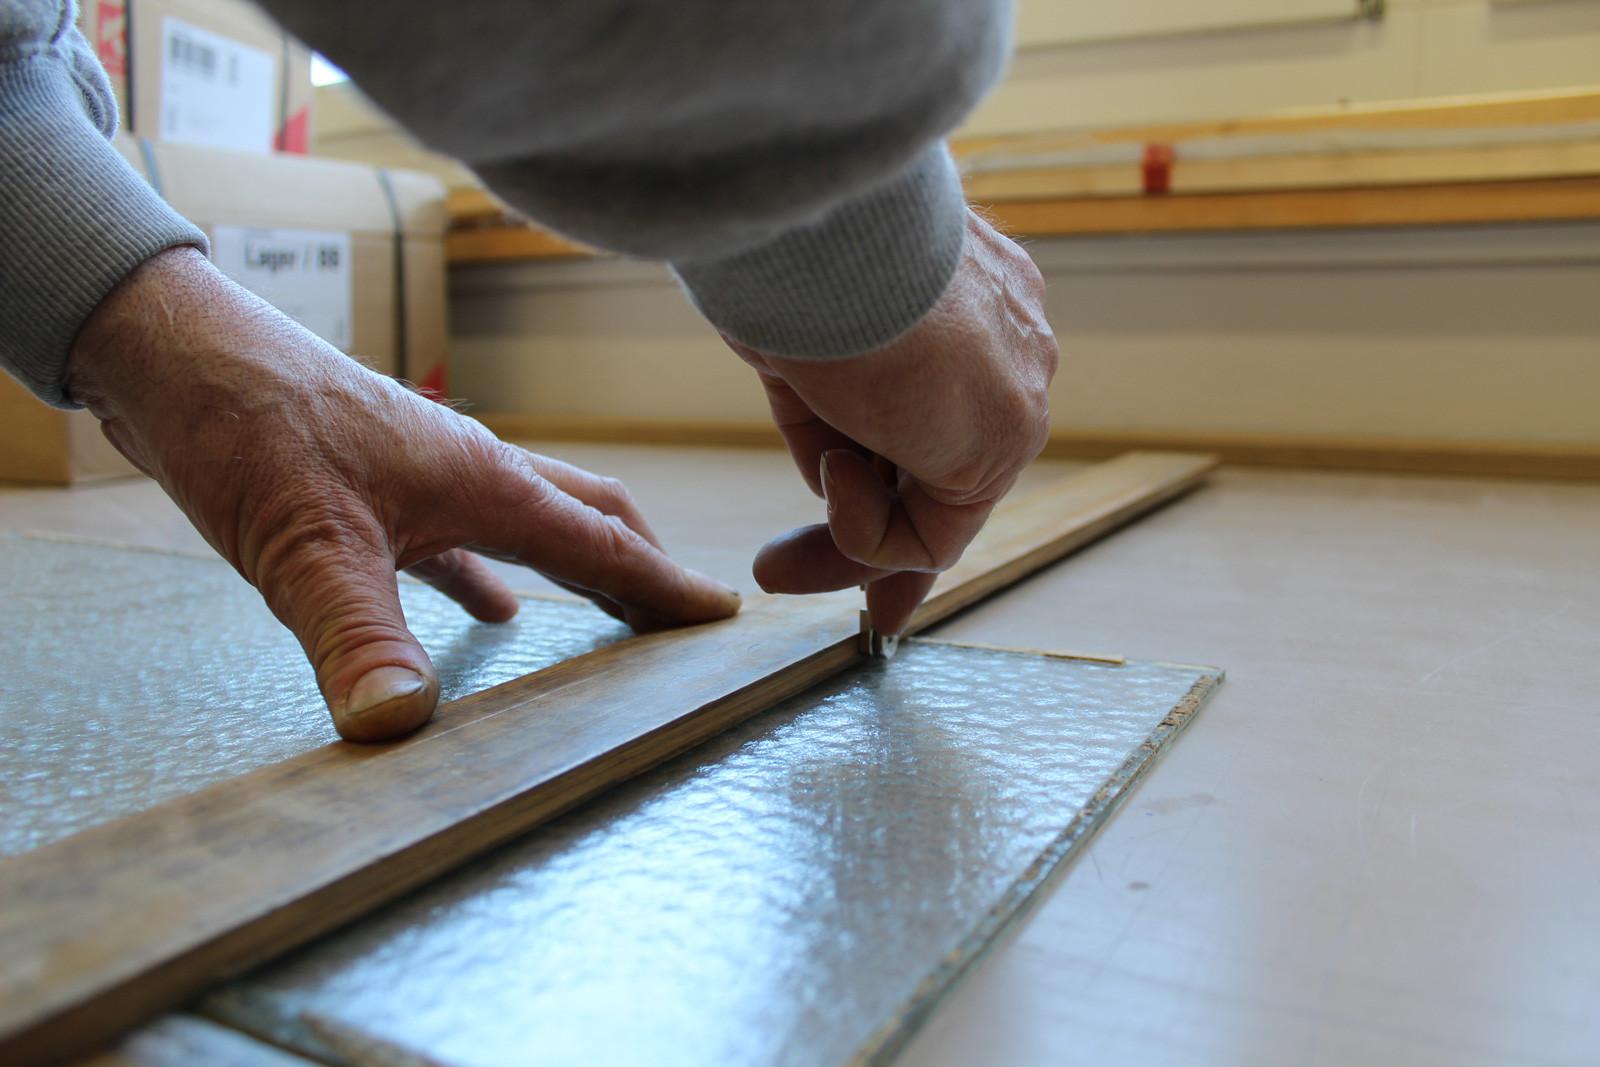 Das Zuschneiden von Spezial-Glas für eine Fenster-Reparatur.